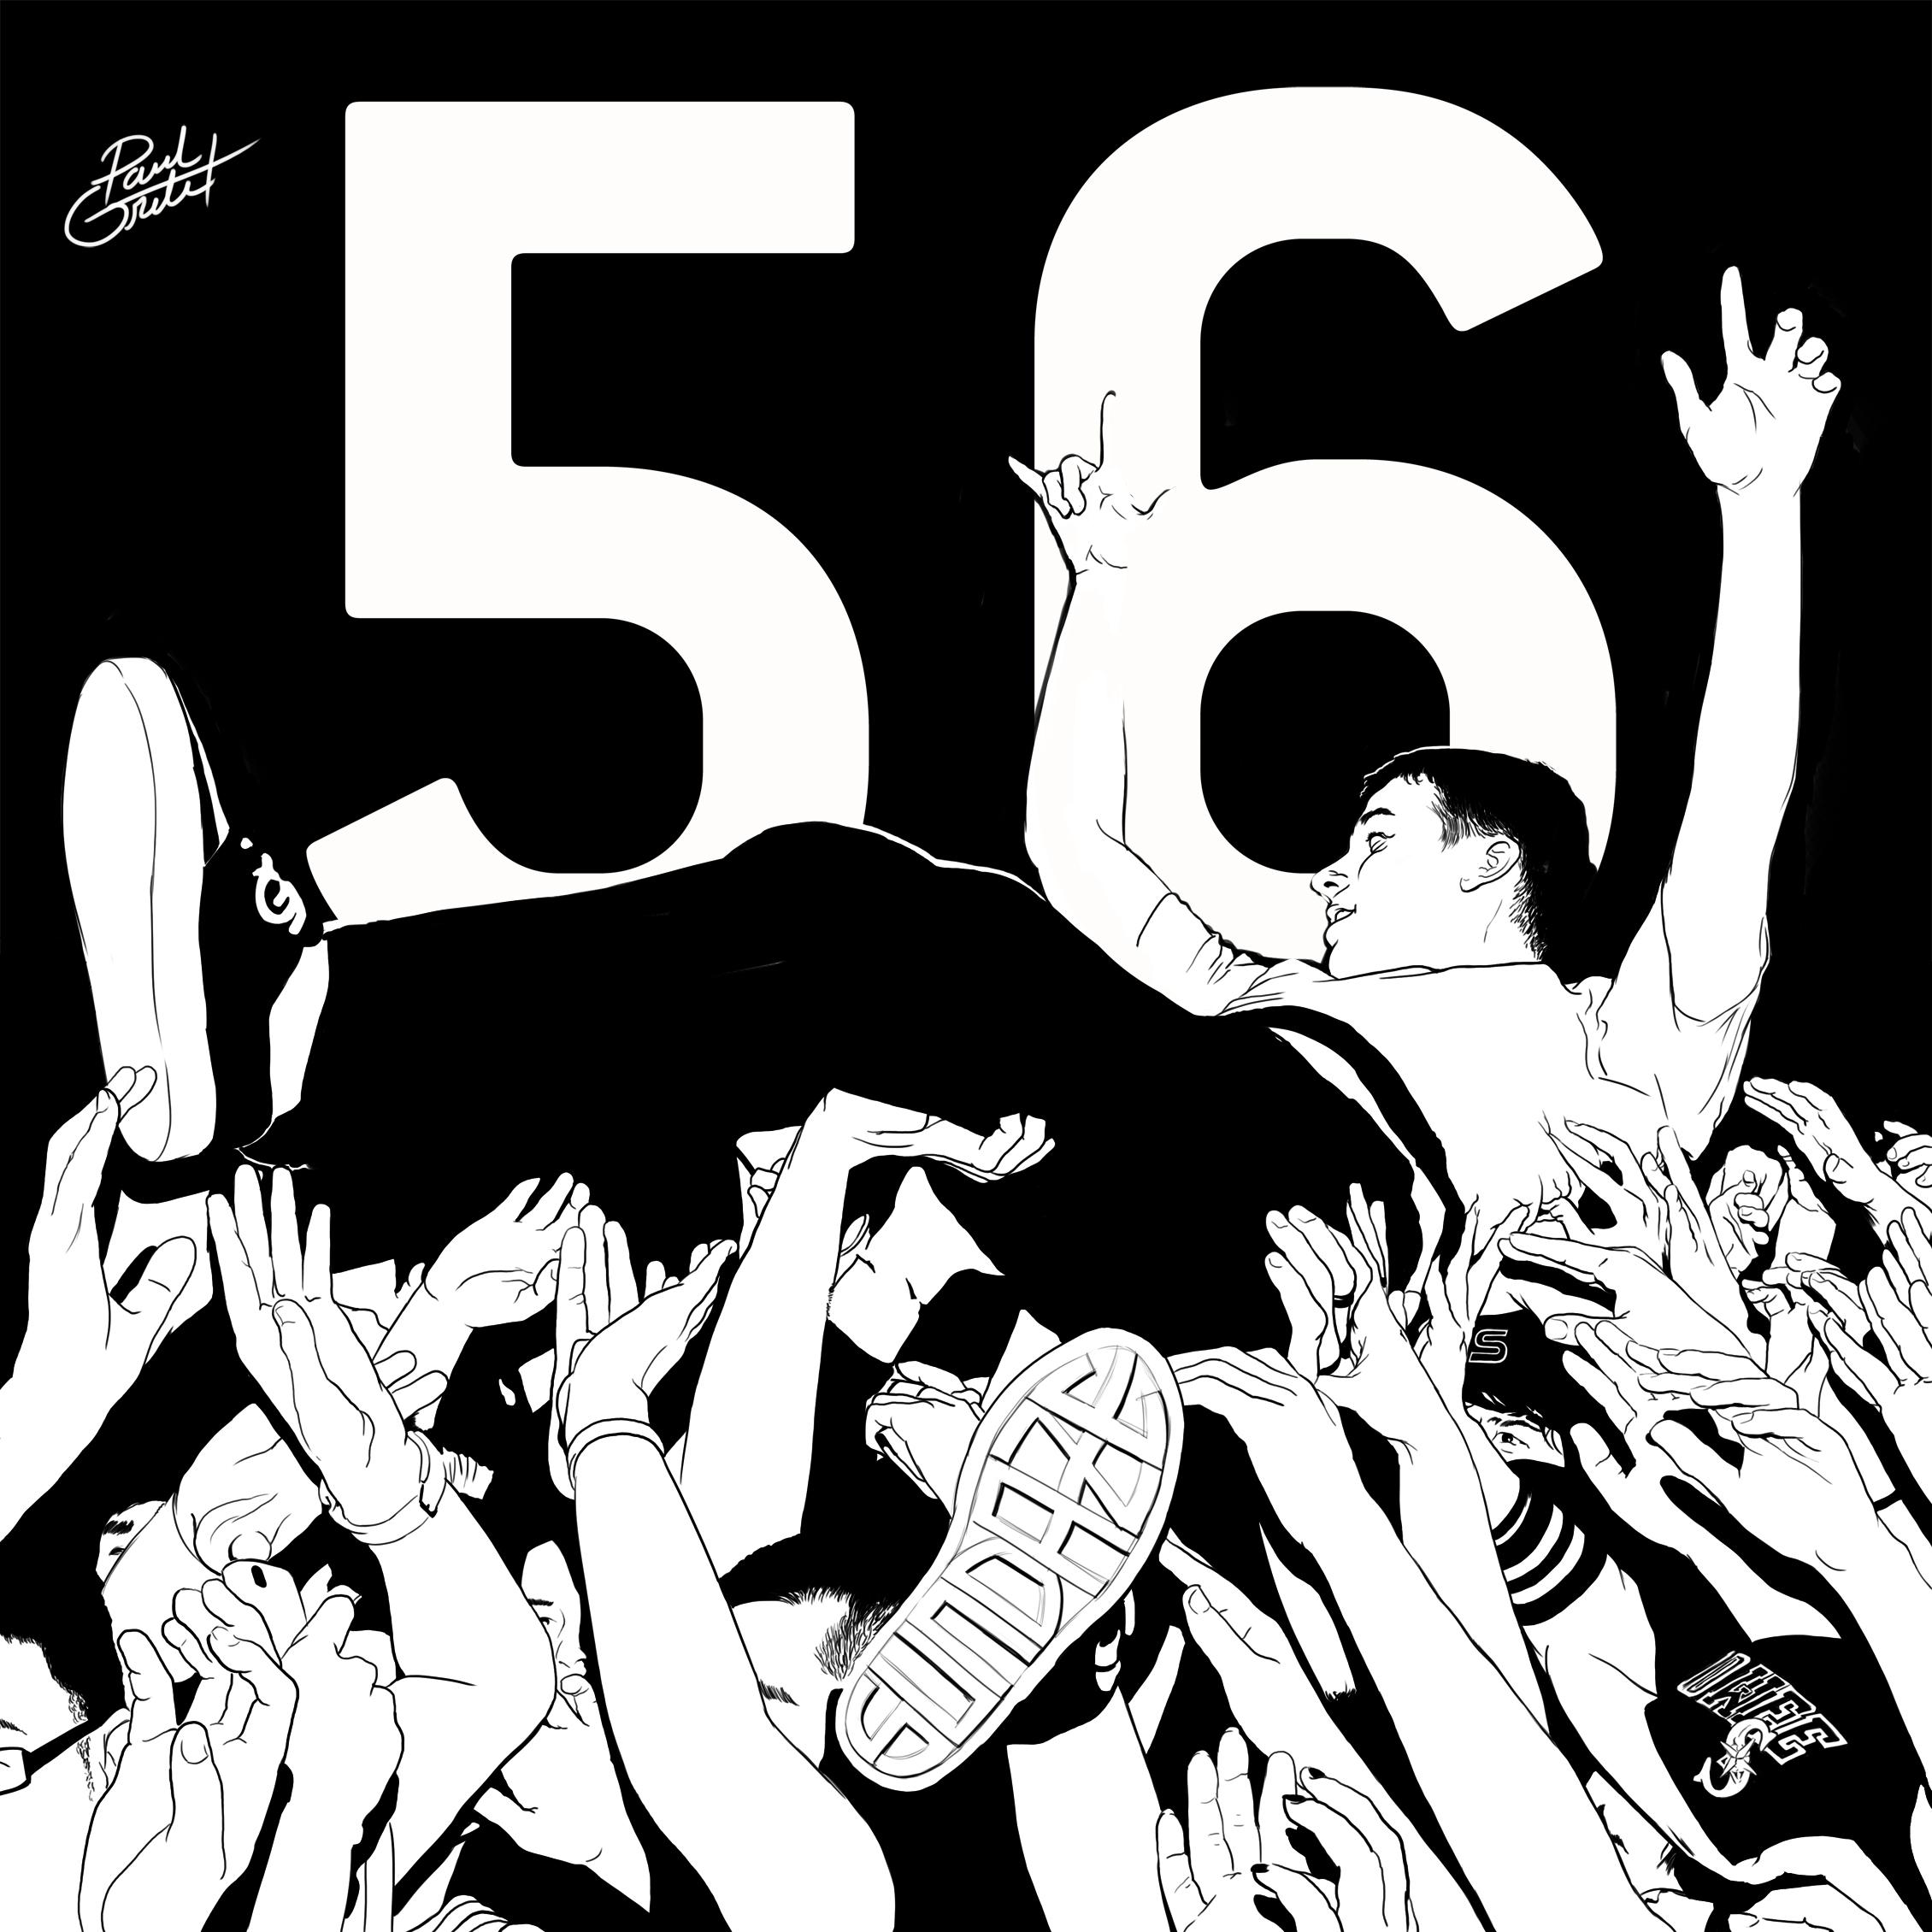 Sundaze Playlist #56 – Art By Paul Grelet